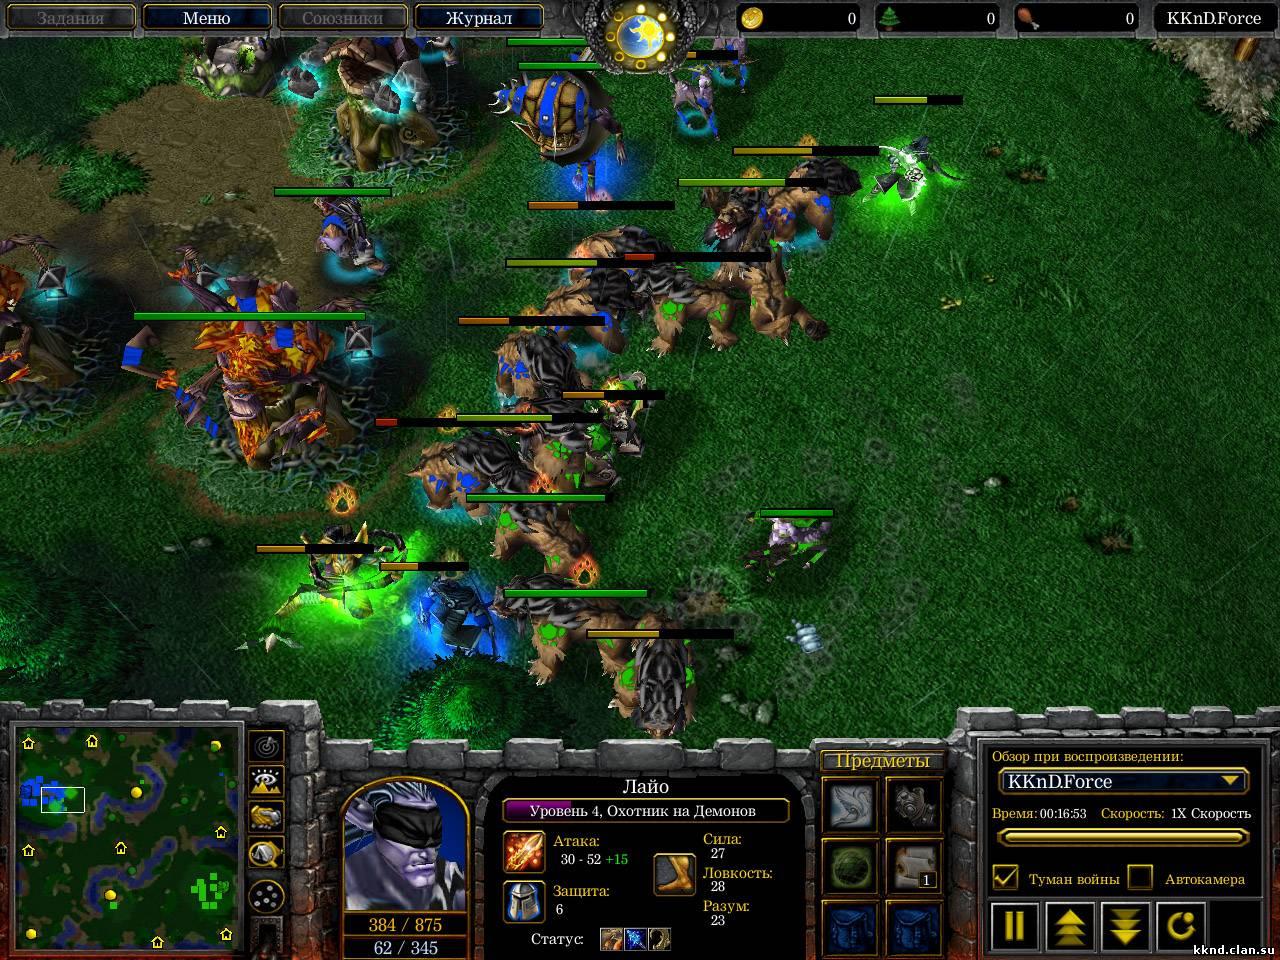 Warcraft 3 frozen throne sex exploited scene